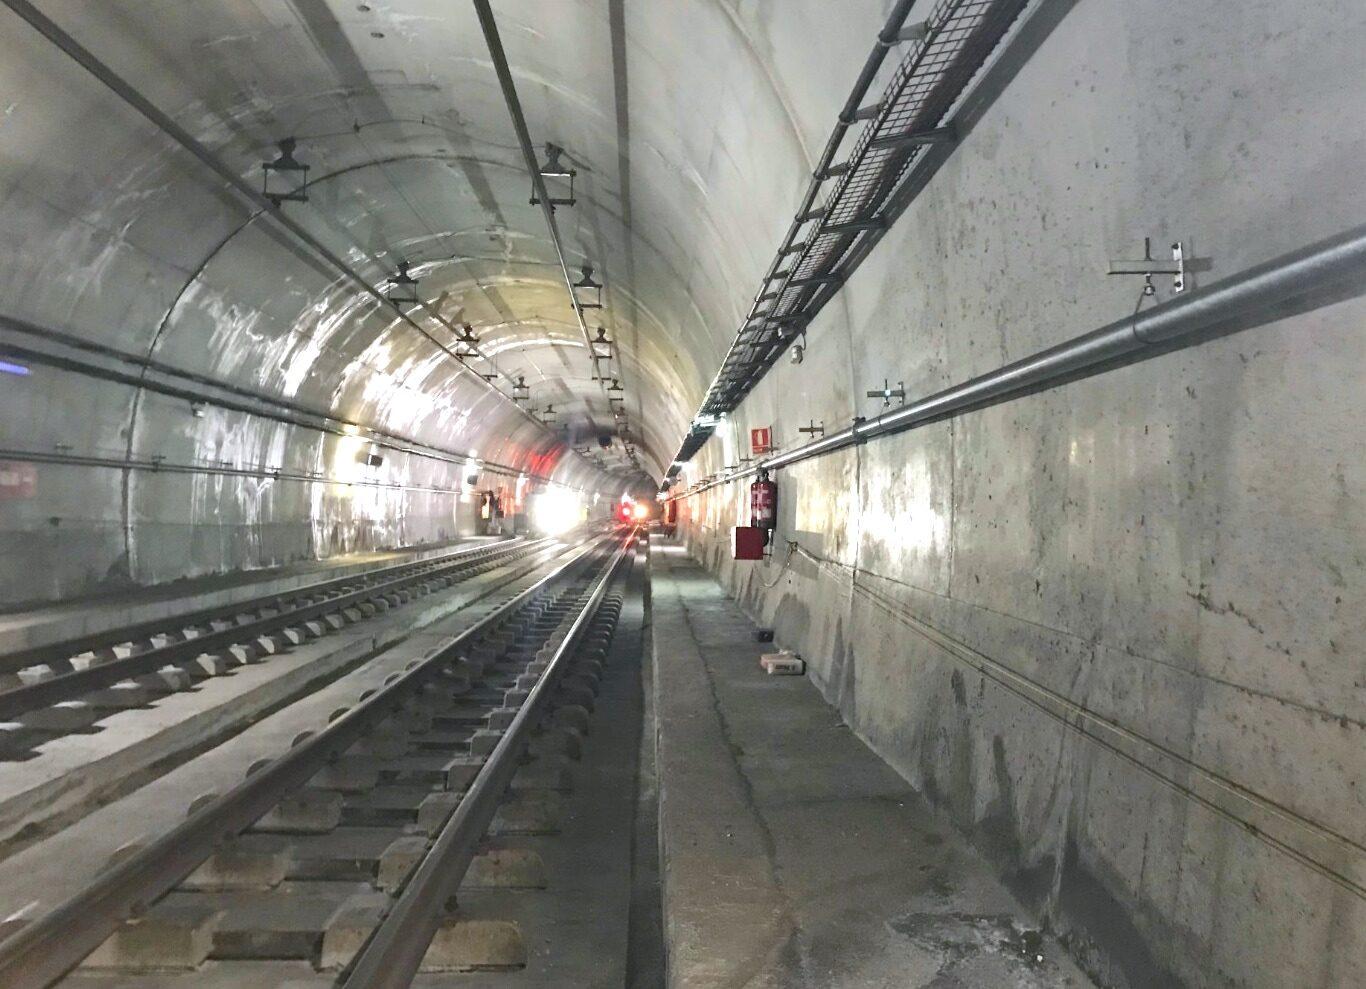 komsol tunnel beton boden decke innerseal versiegelung dauerhaft hochwertige silikate